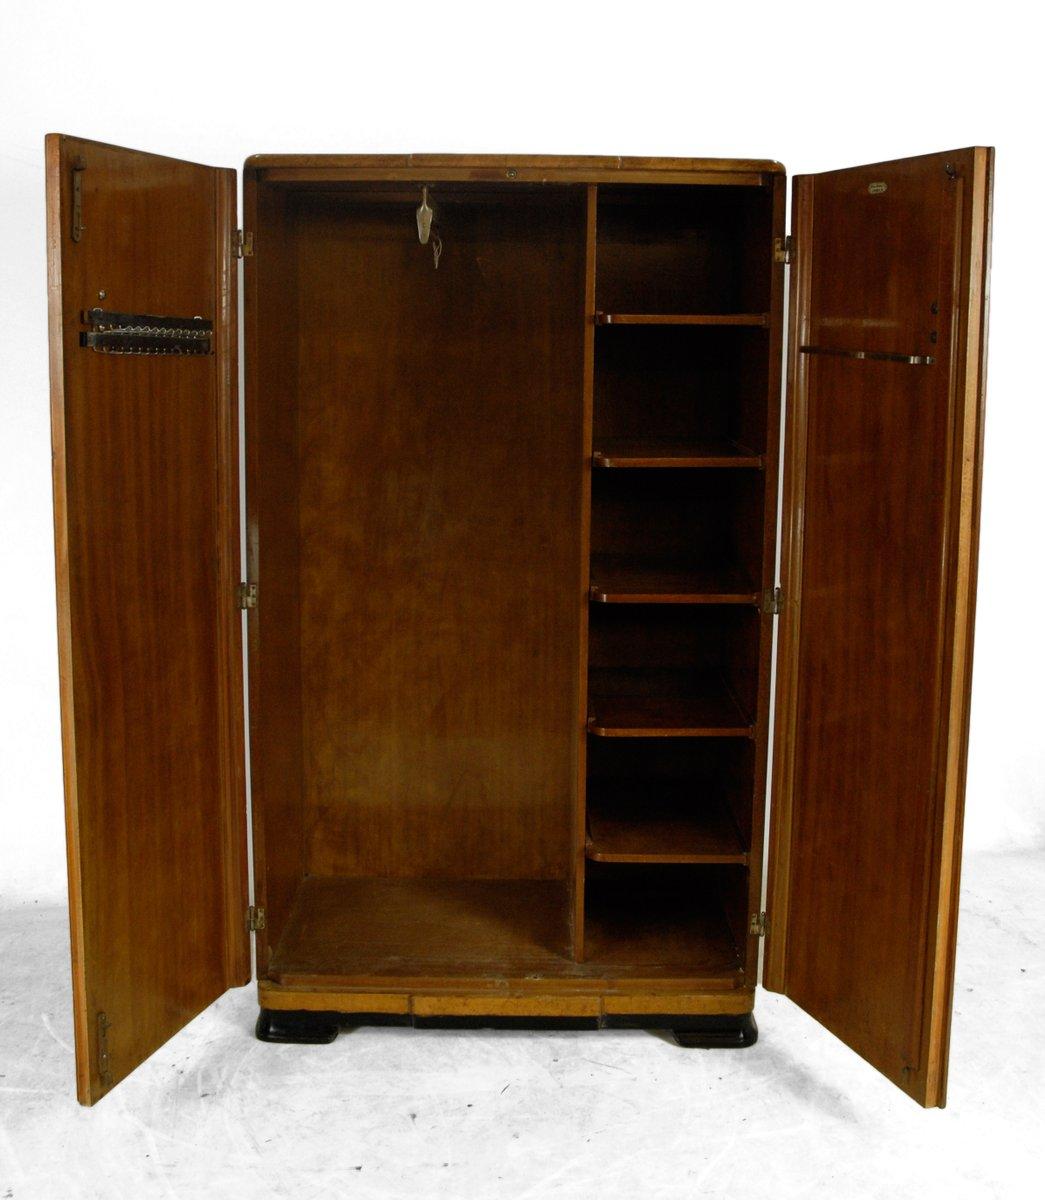 art d co herren garderobe aus walnuss 1930er 2er set bei pamono kaufen. Black Bedroom Furniture Sets. Home Design Ideas